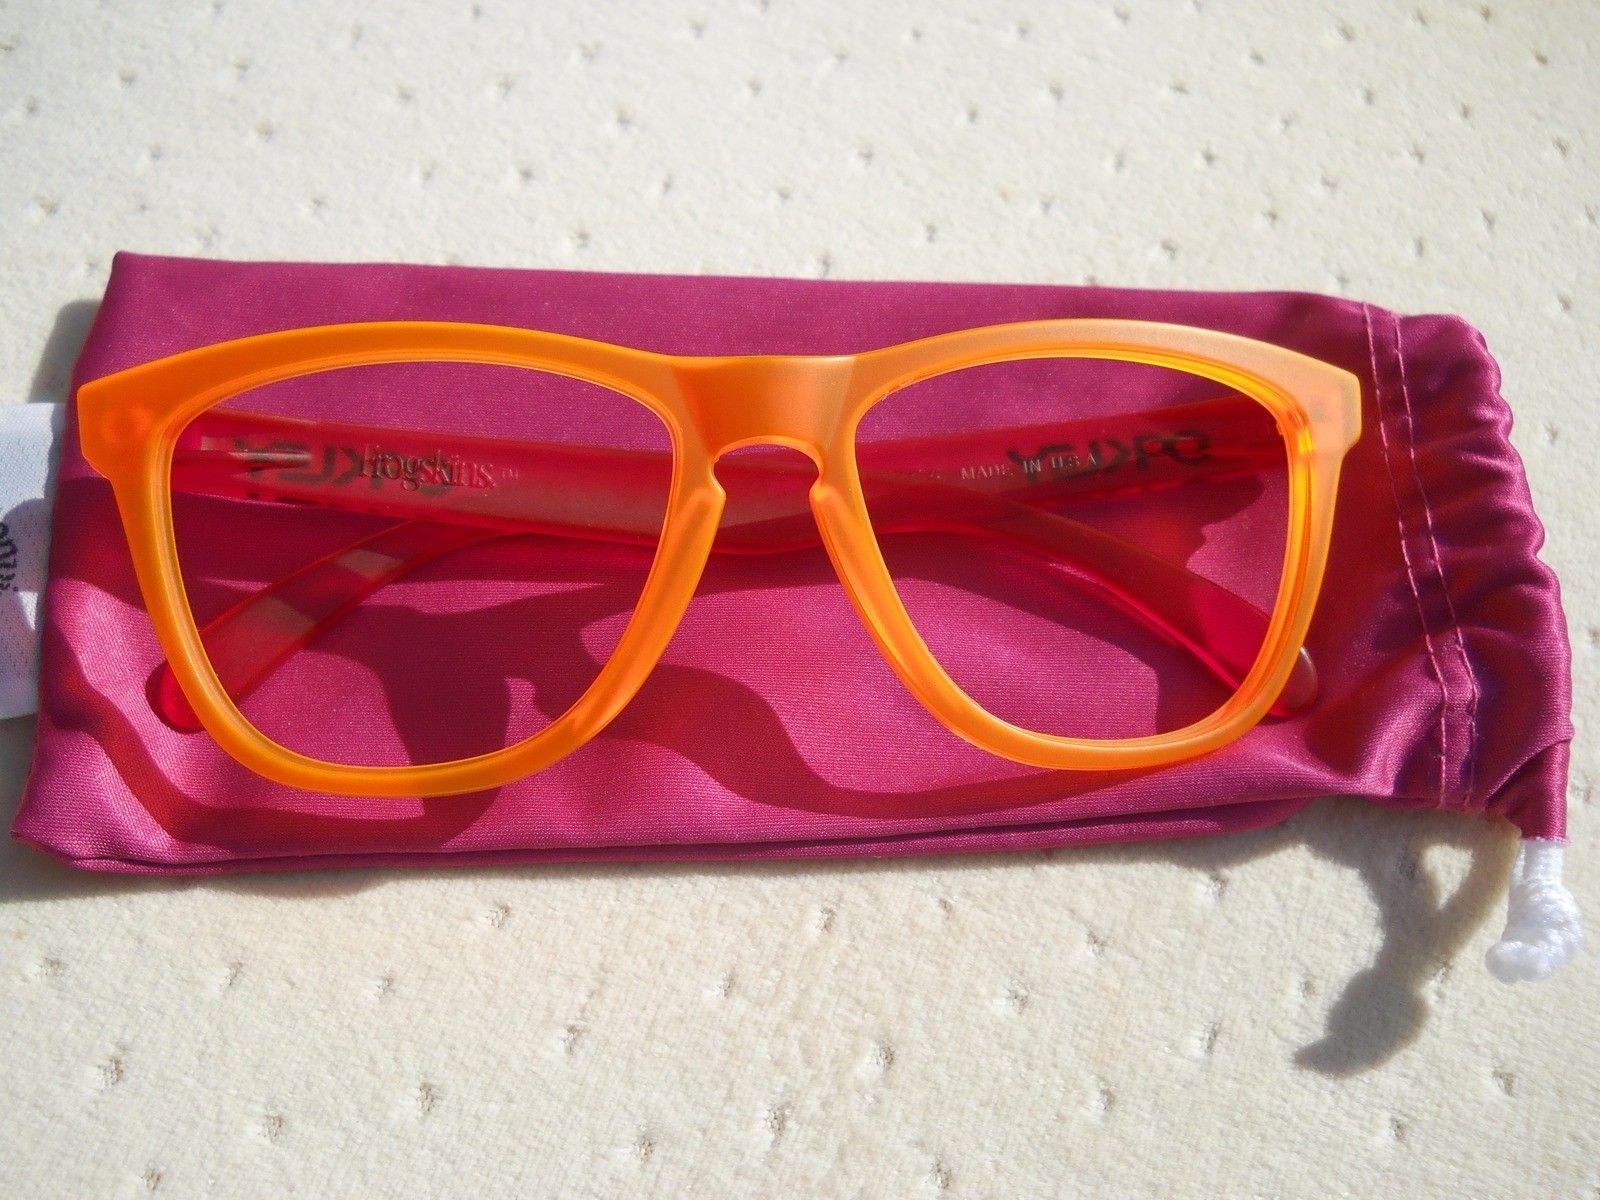 Blacklight Orange/Pink Frogskins - Frame And Bag - u9n6.jpg